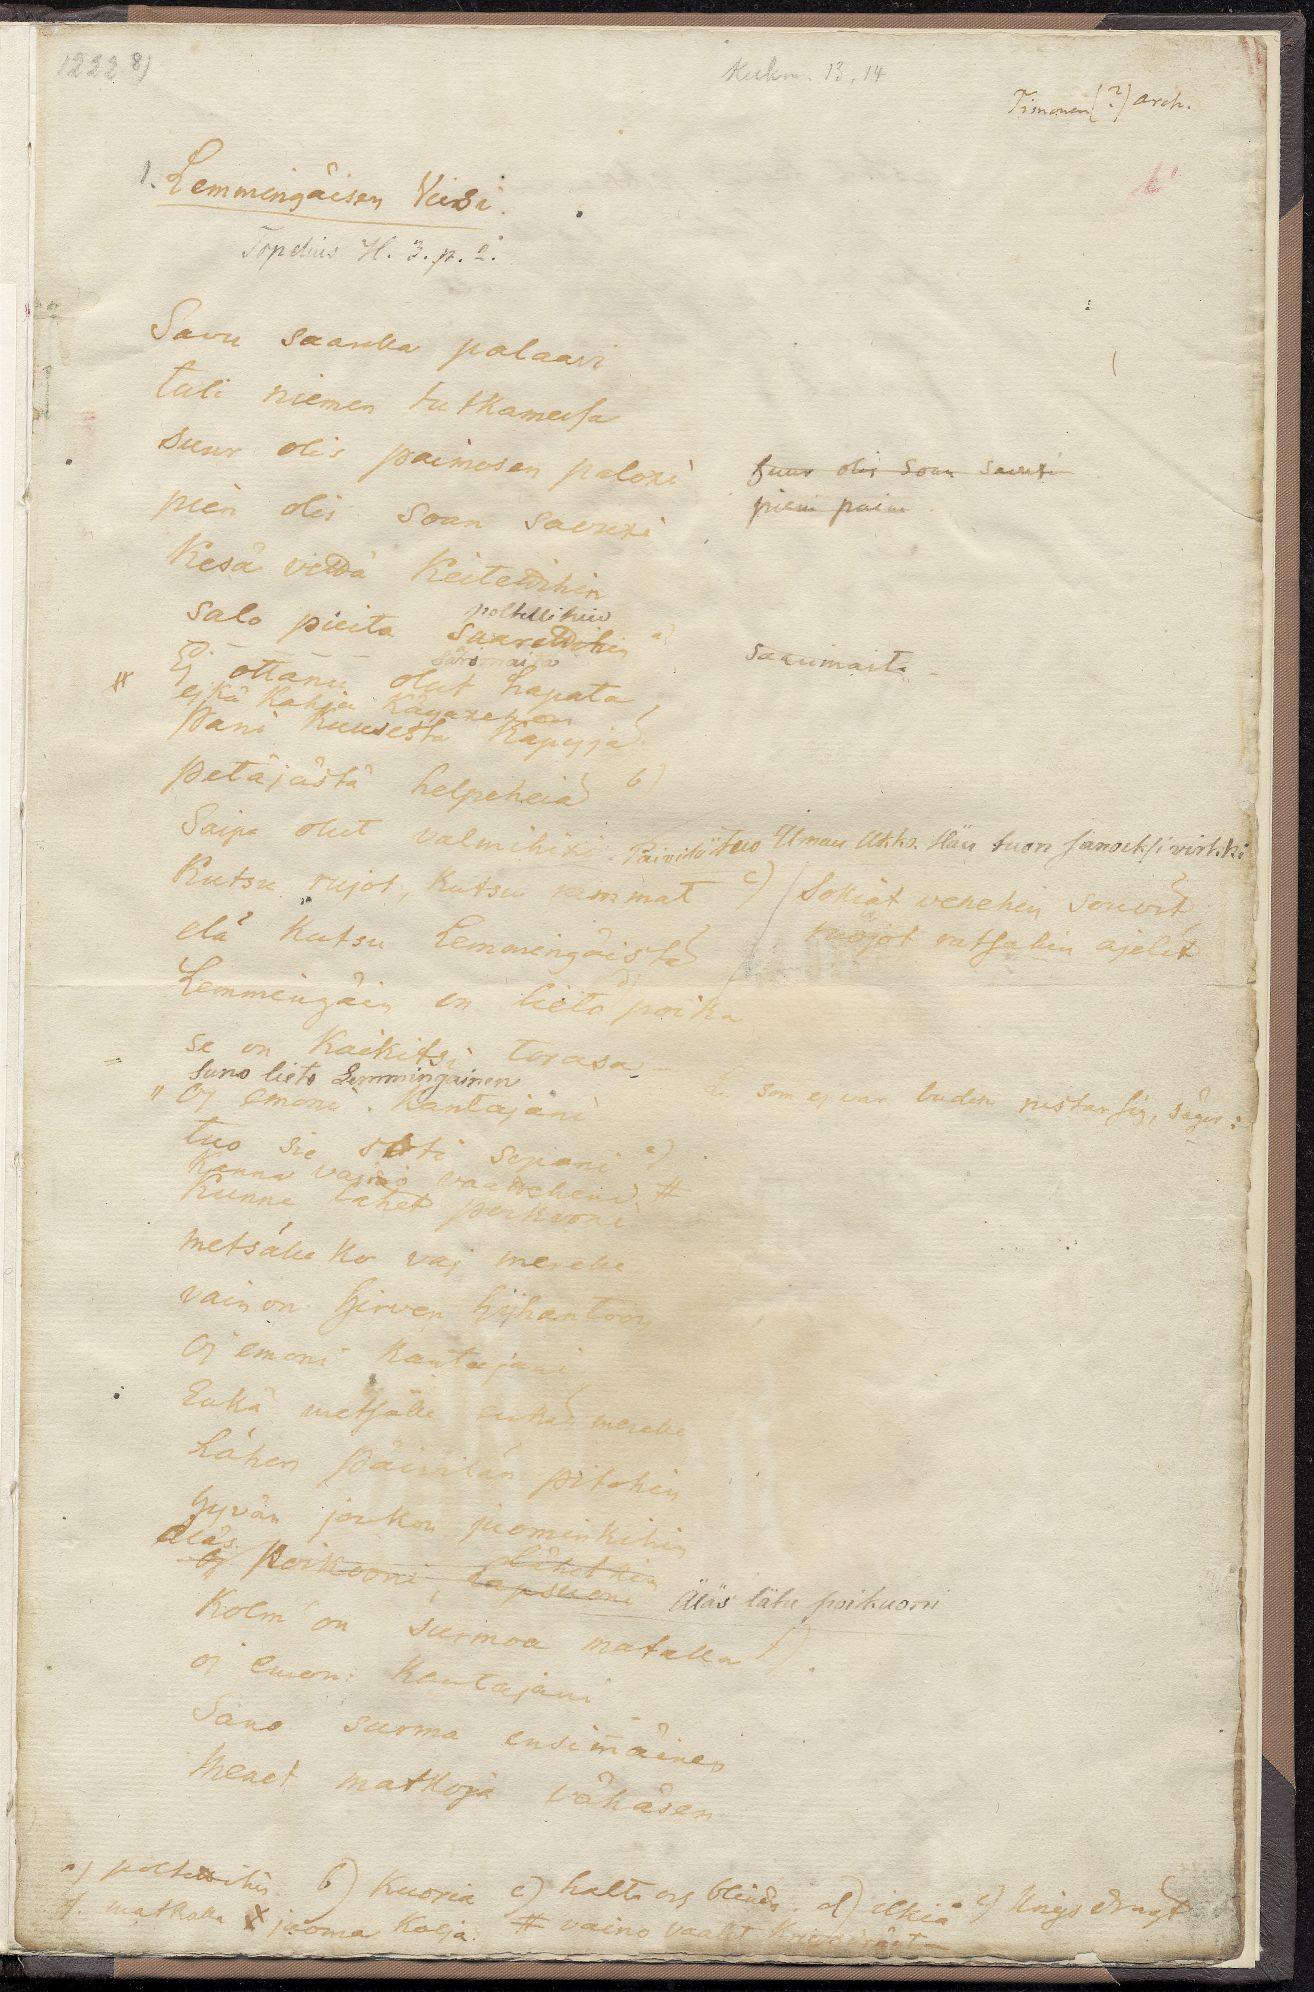 Remsosen renki Timoselta tallennettu runo ja loitsu Kuddnäsissa Uusikaarlepyyssä 1820. Kerääjä: Zacharias Topelius.